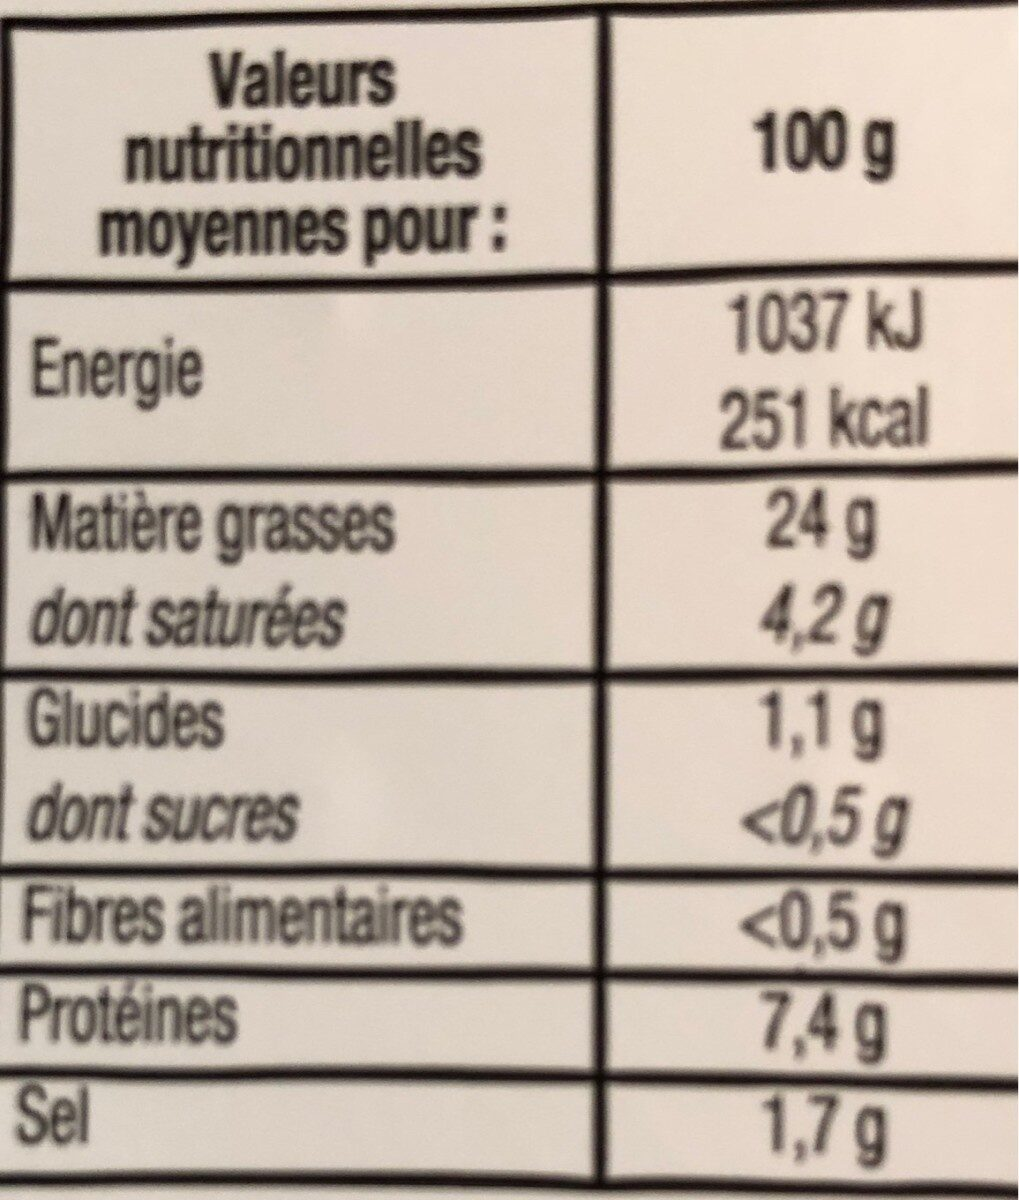 Museau de porc sauce vinaigrette - Nutrition facts